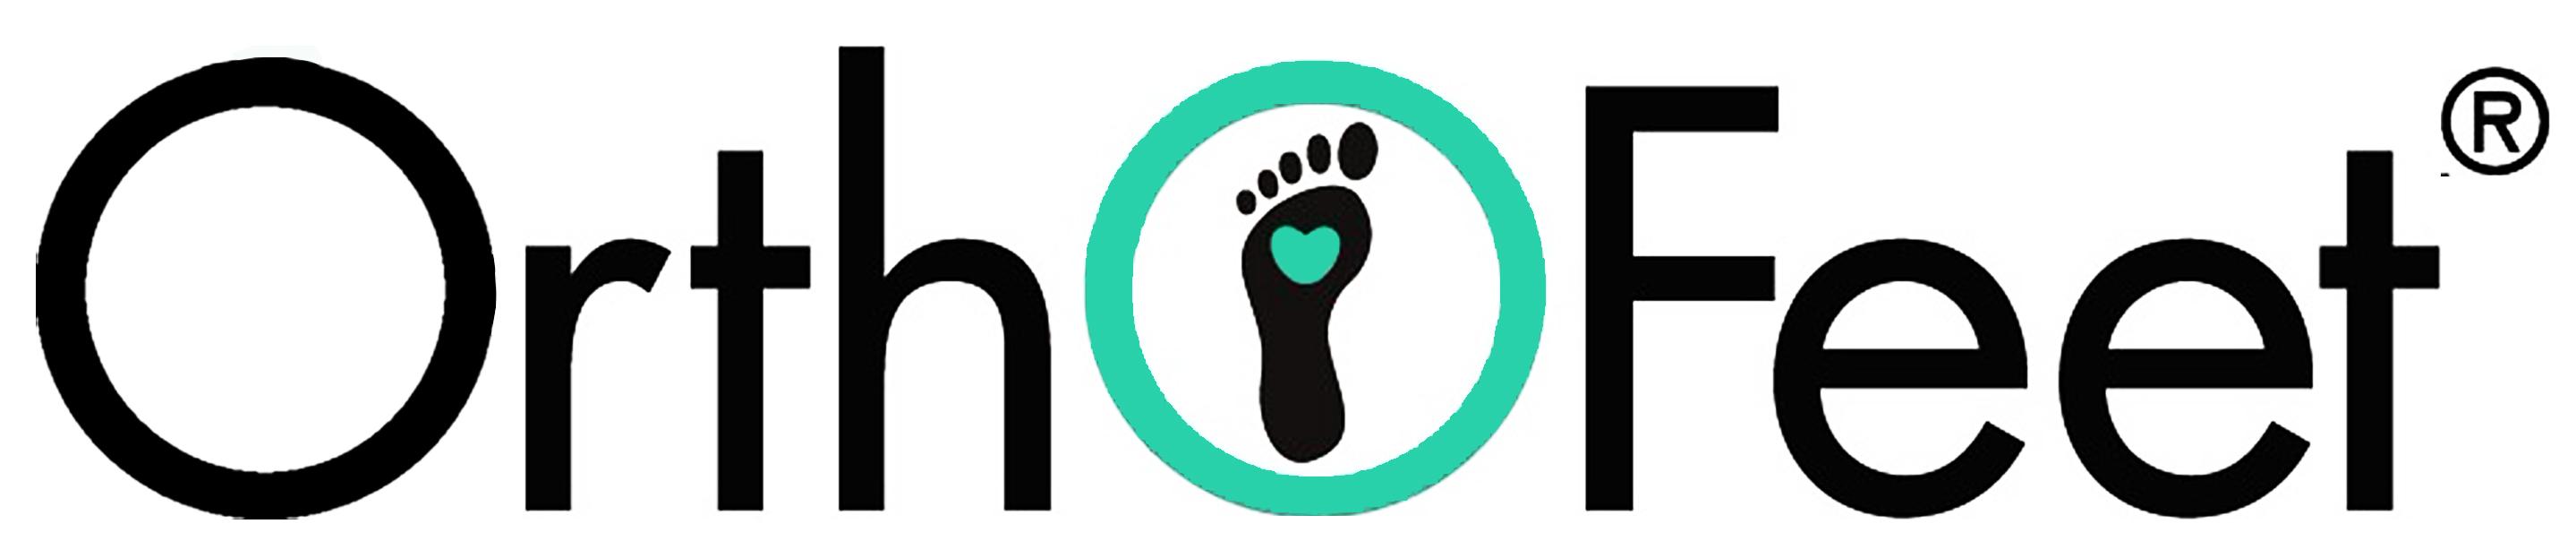 Orthofeet_Shoe_Logo